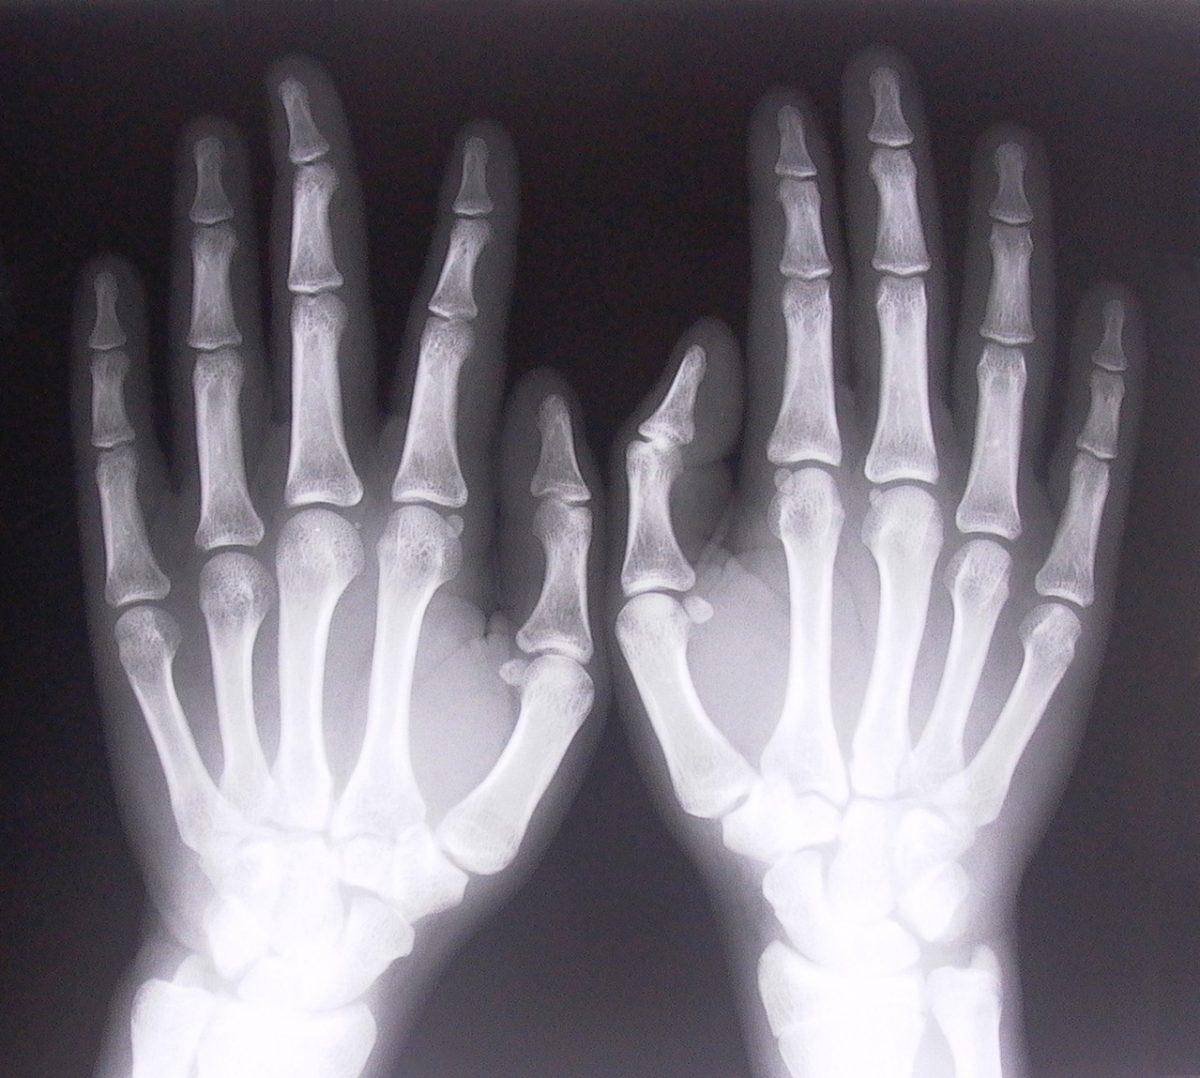 Na problemy ze stawami może pomóc ortopeda